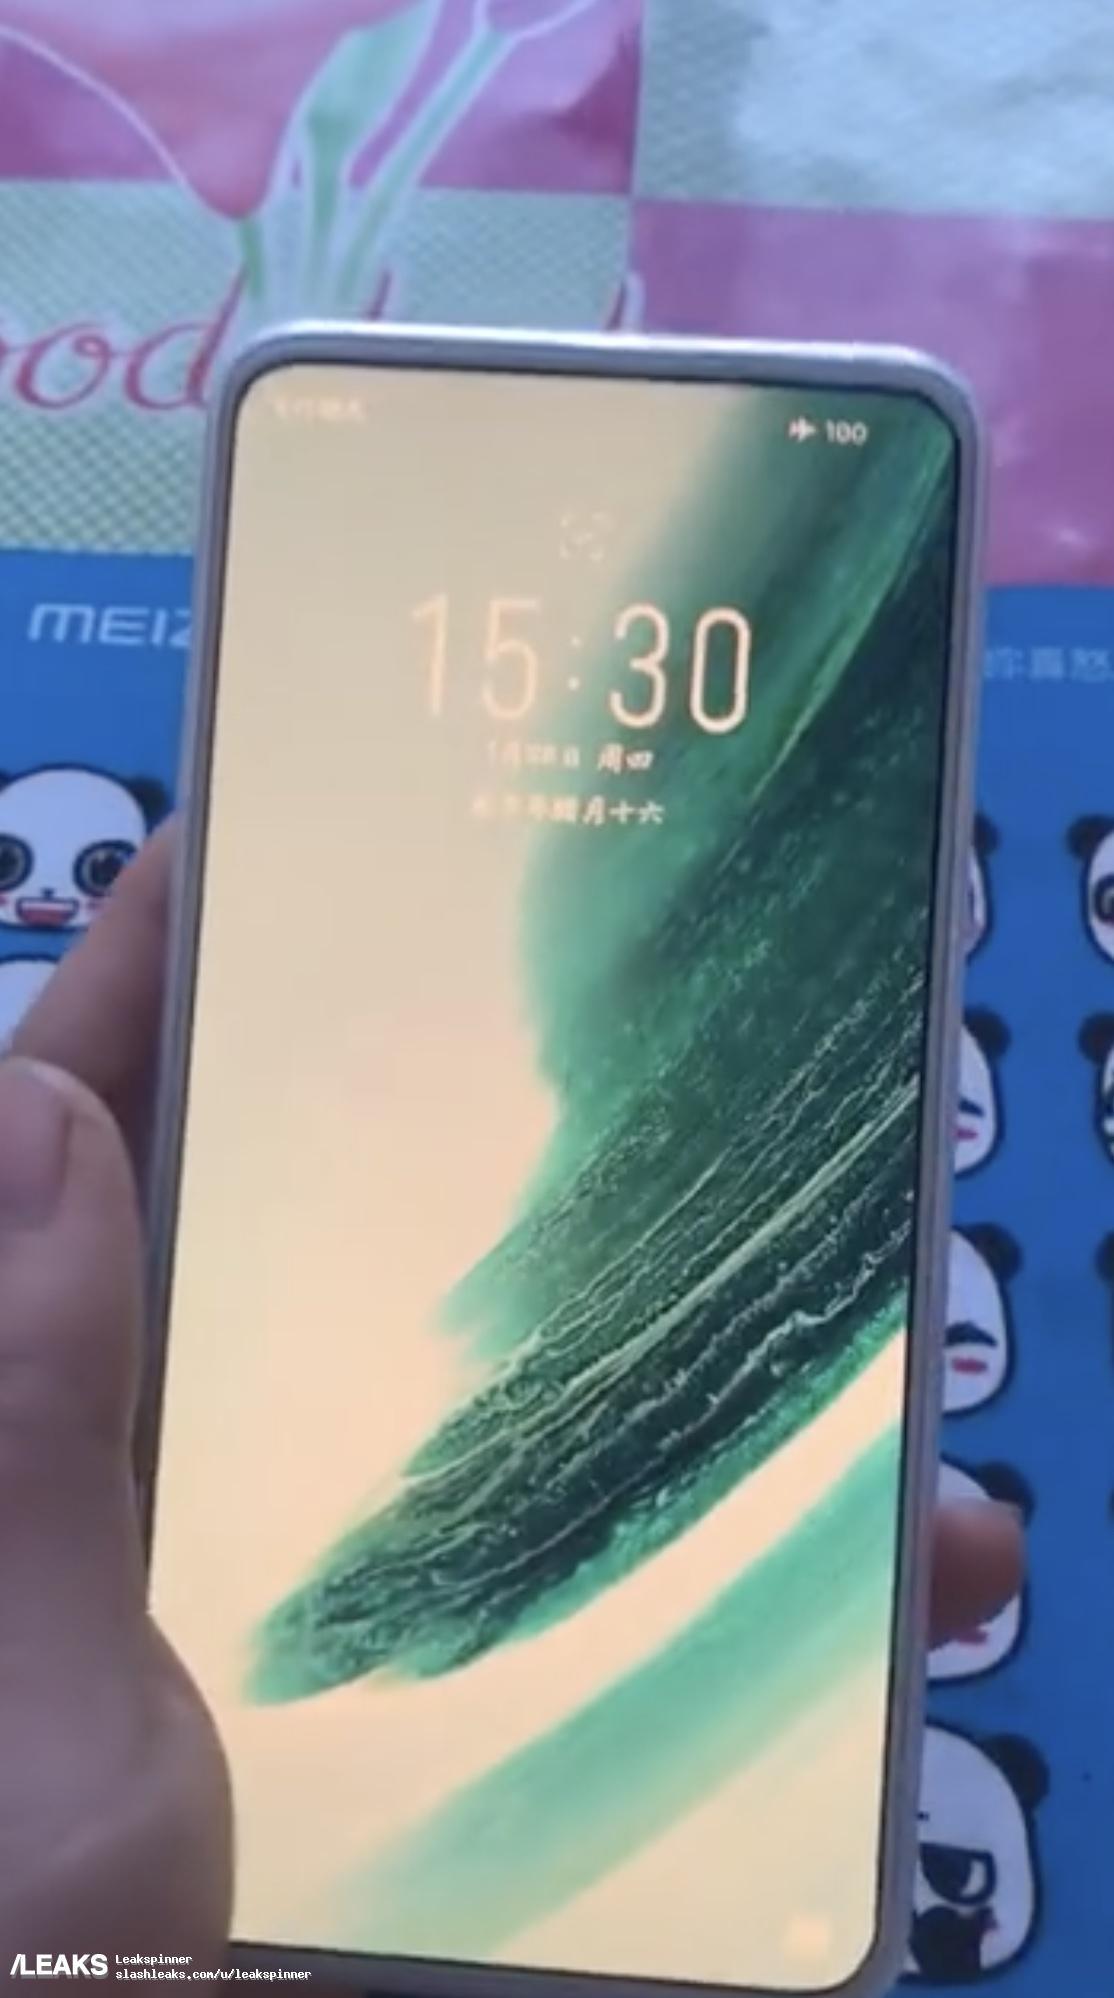 Specifikationer för Meizu 18 läcker